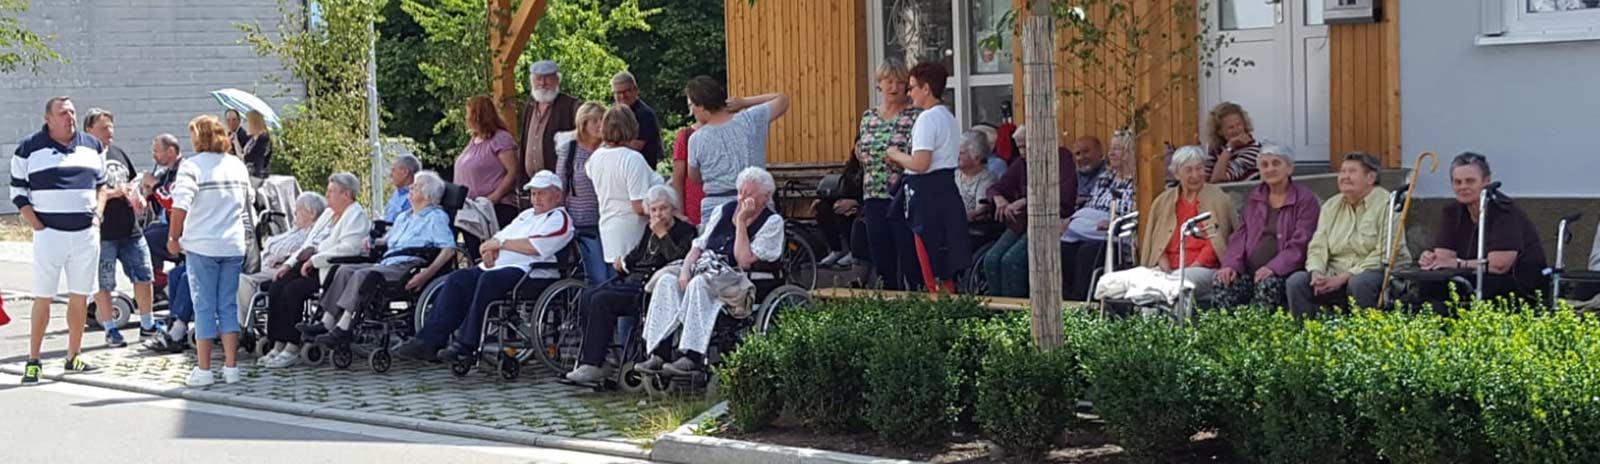 2018_07_27_Brühlpark_Jacobifest_slider